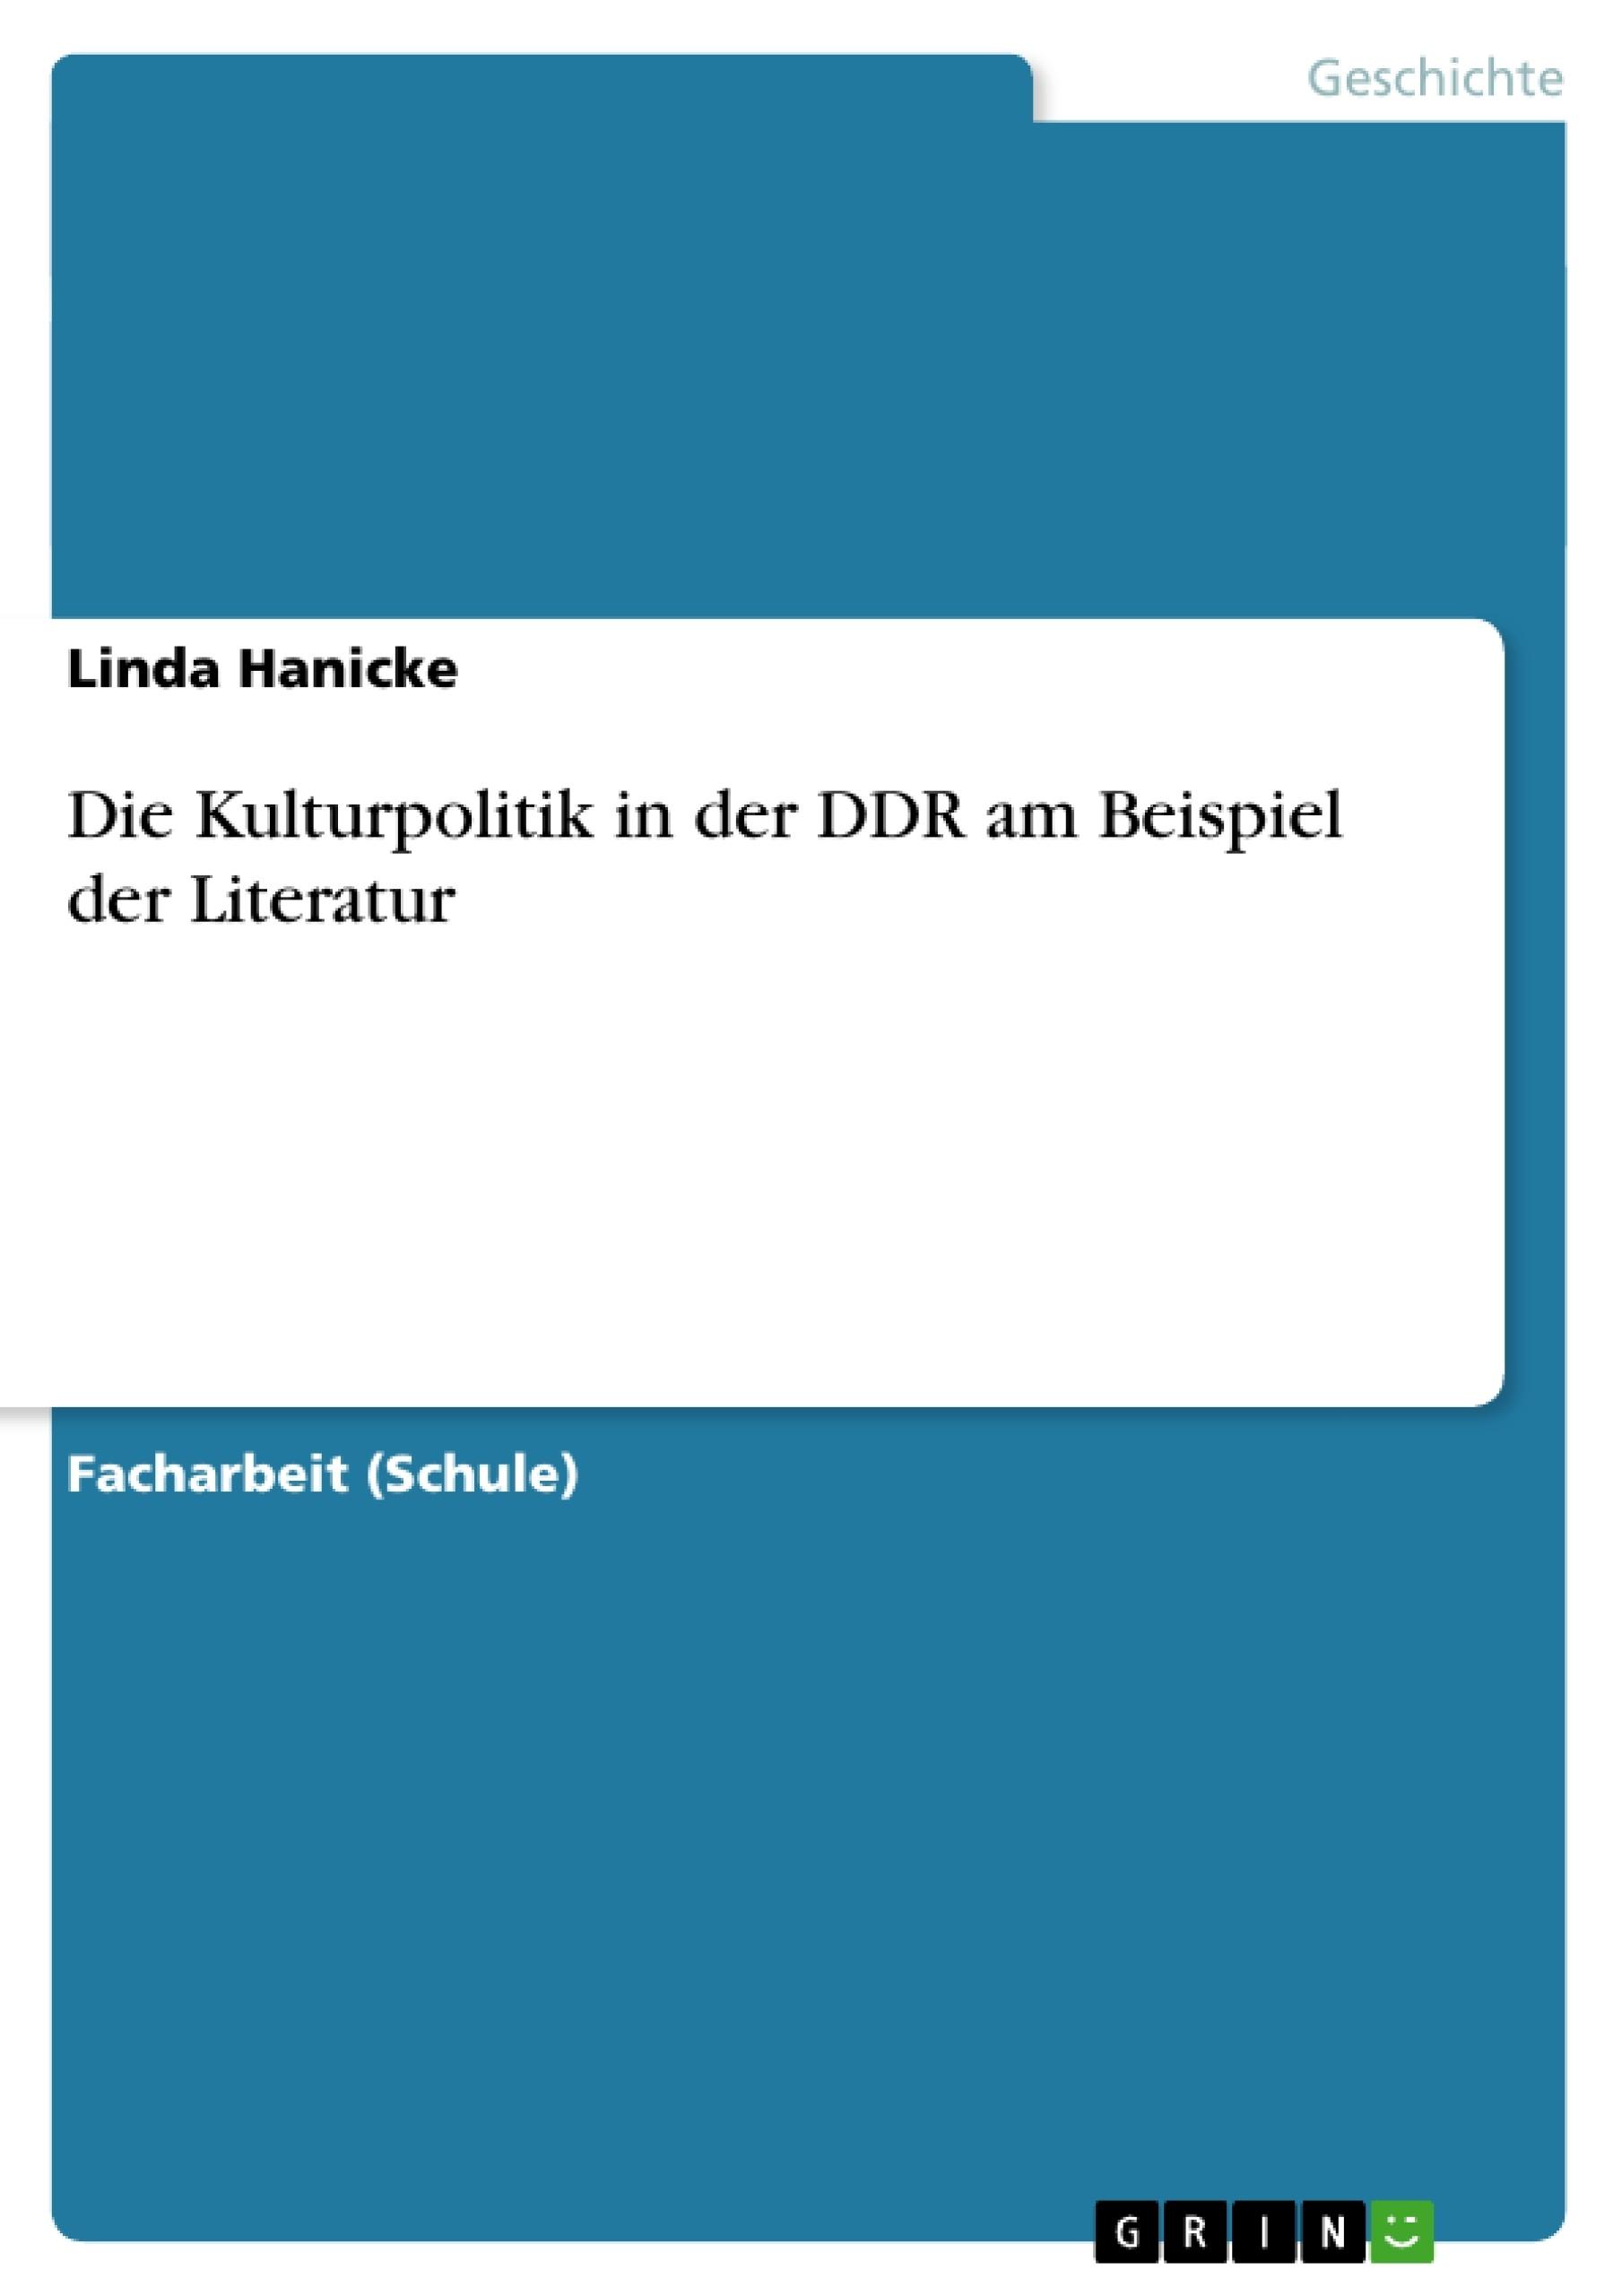 Titel: Die Kulturpolitik in der DDR am Beispiel der Literatur